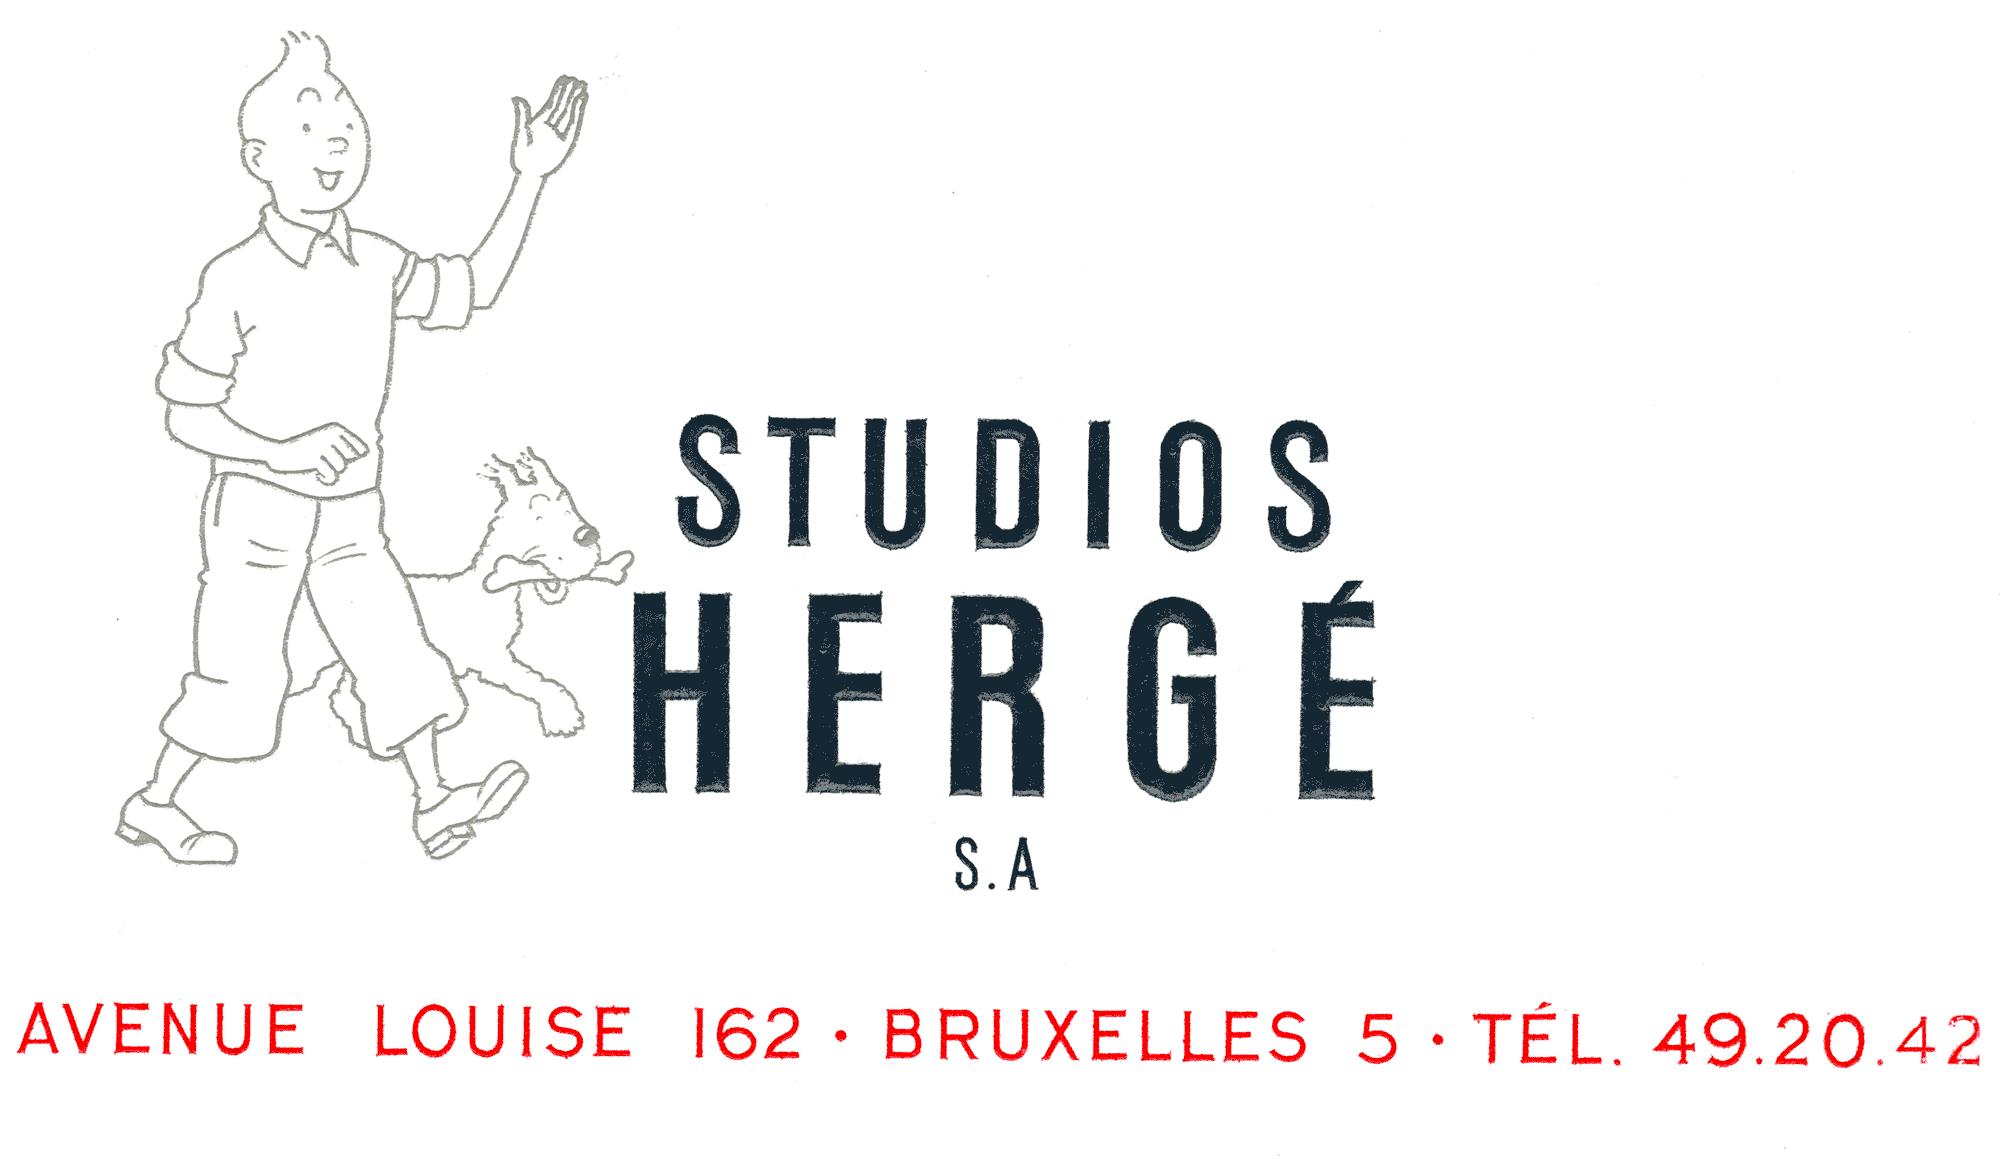 Studios Hergé logo